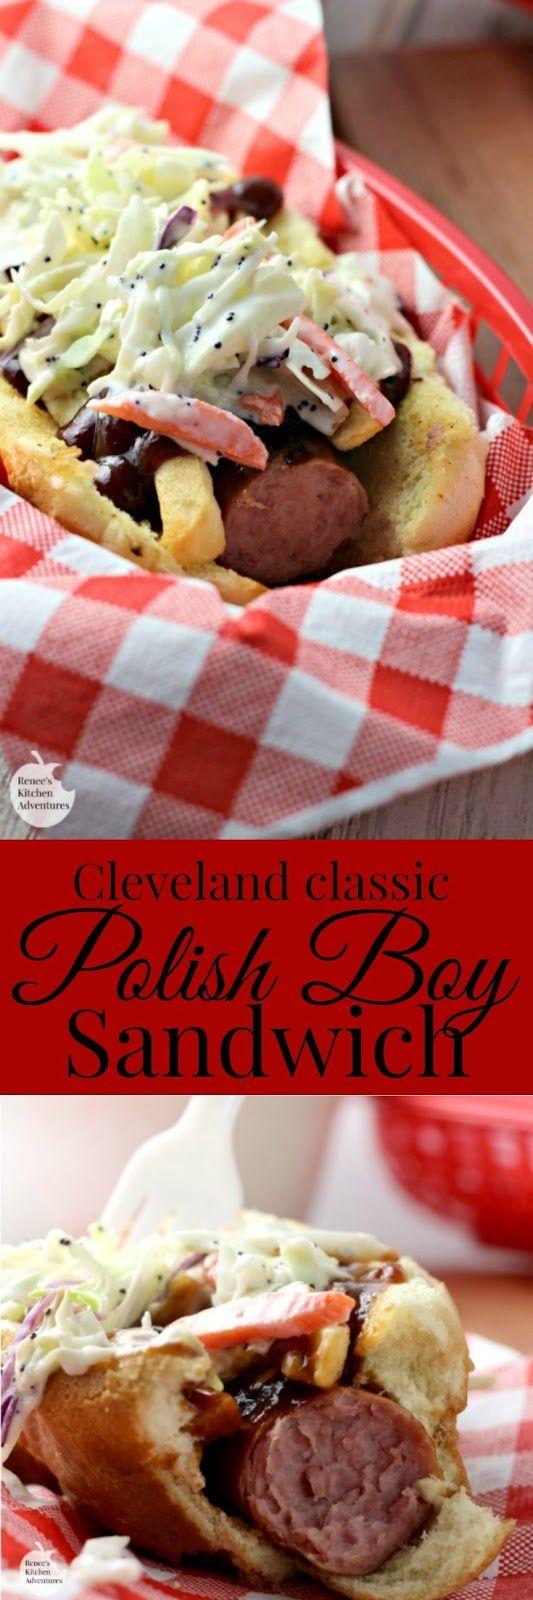 Polish boy sandwich i 2018 renee 39 s kitchen adventures for Renee s kitchen